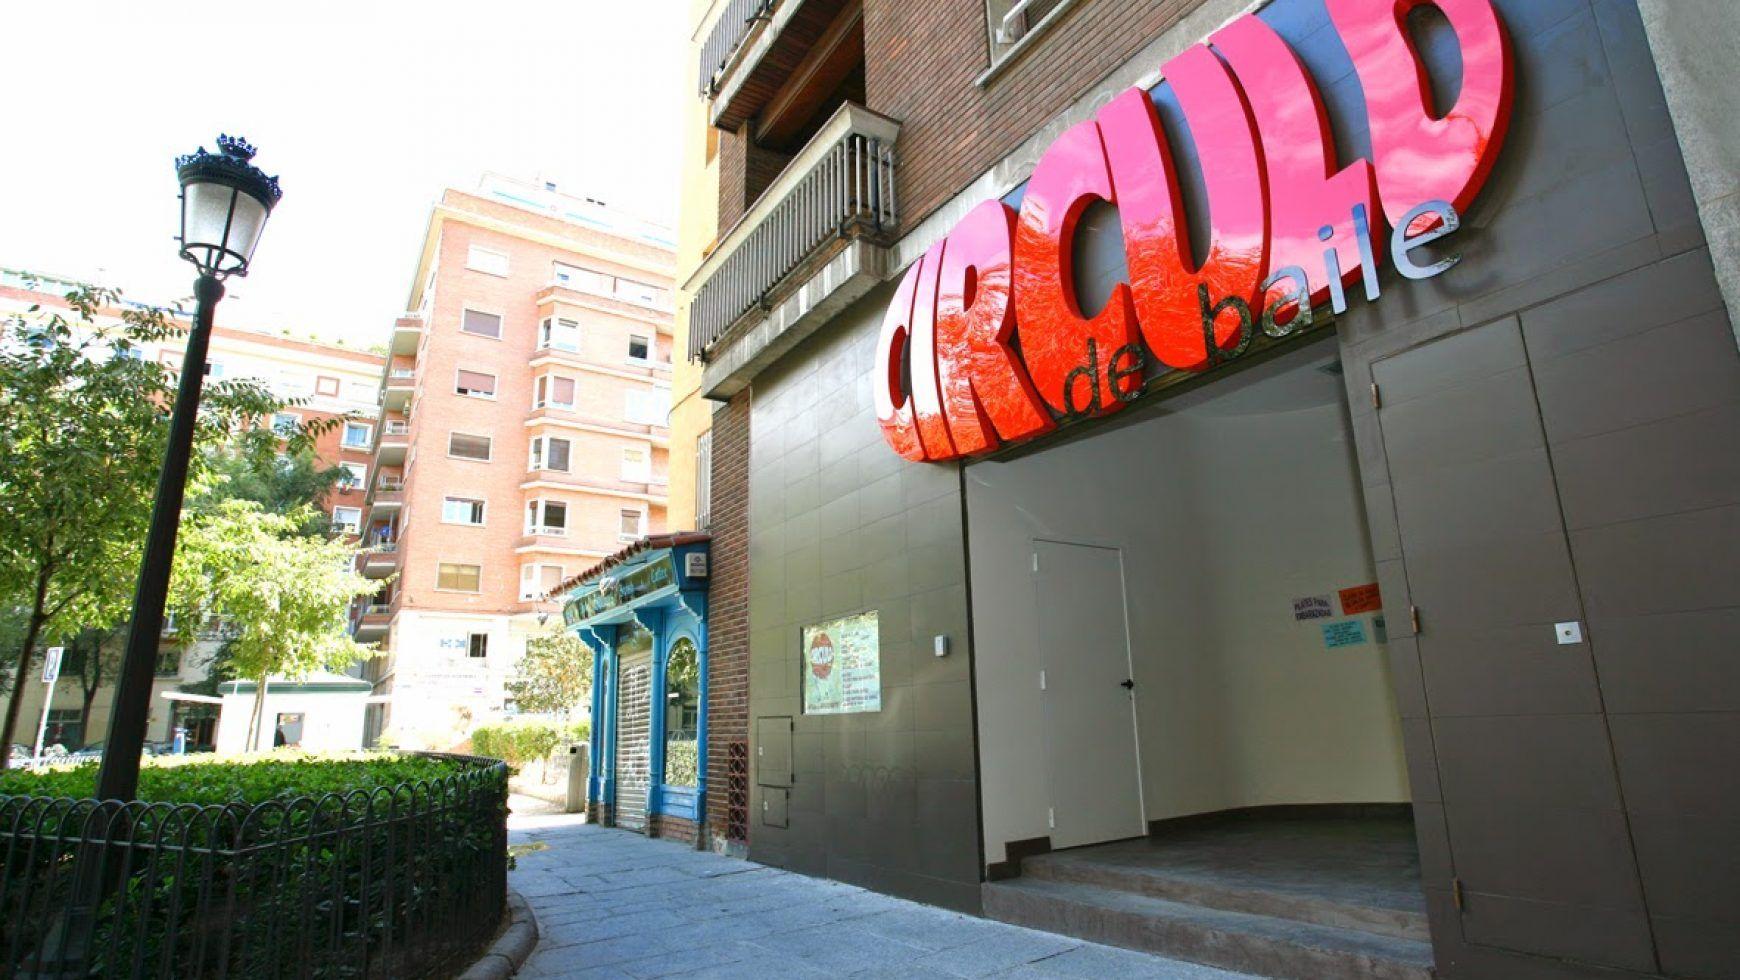 Círculo de Baile, la academia referencia del baile madrileño.